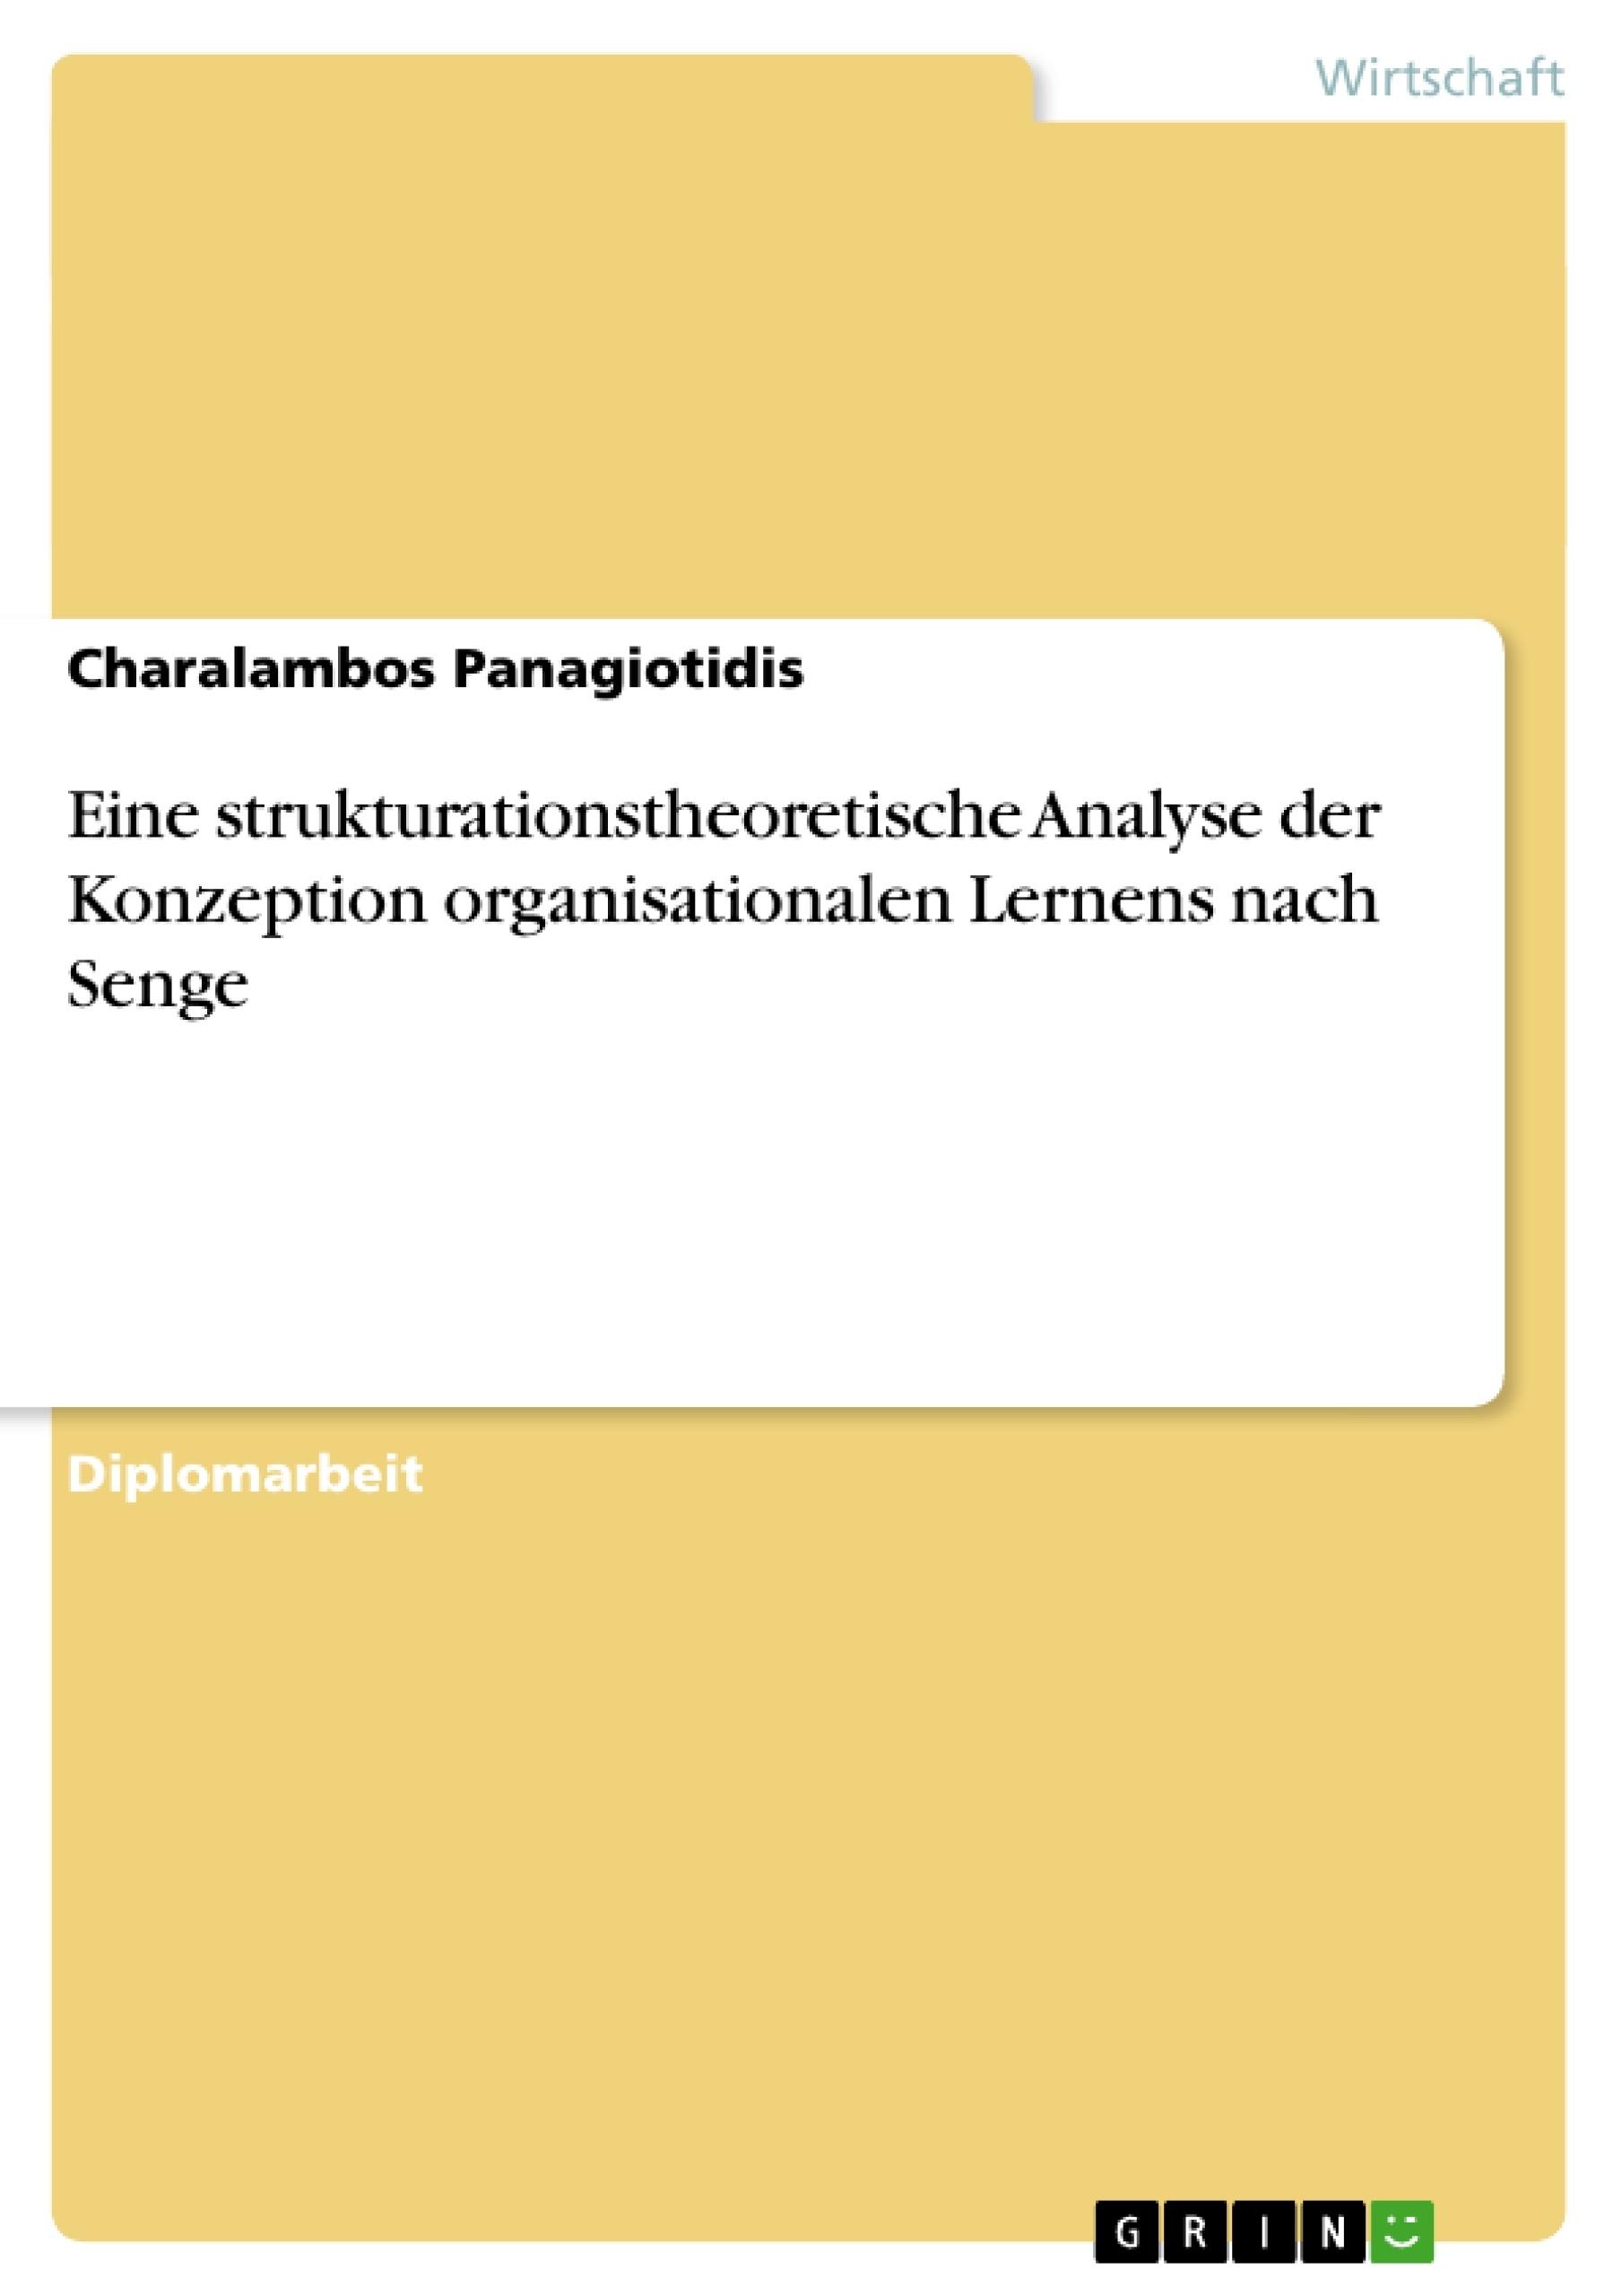 Titel: Eine strukturationstheoretische Analyse der Konzeption organisationalen Lernens nach Senge